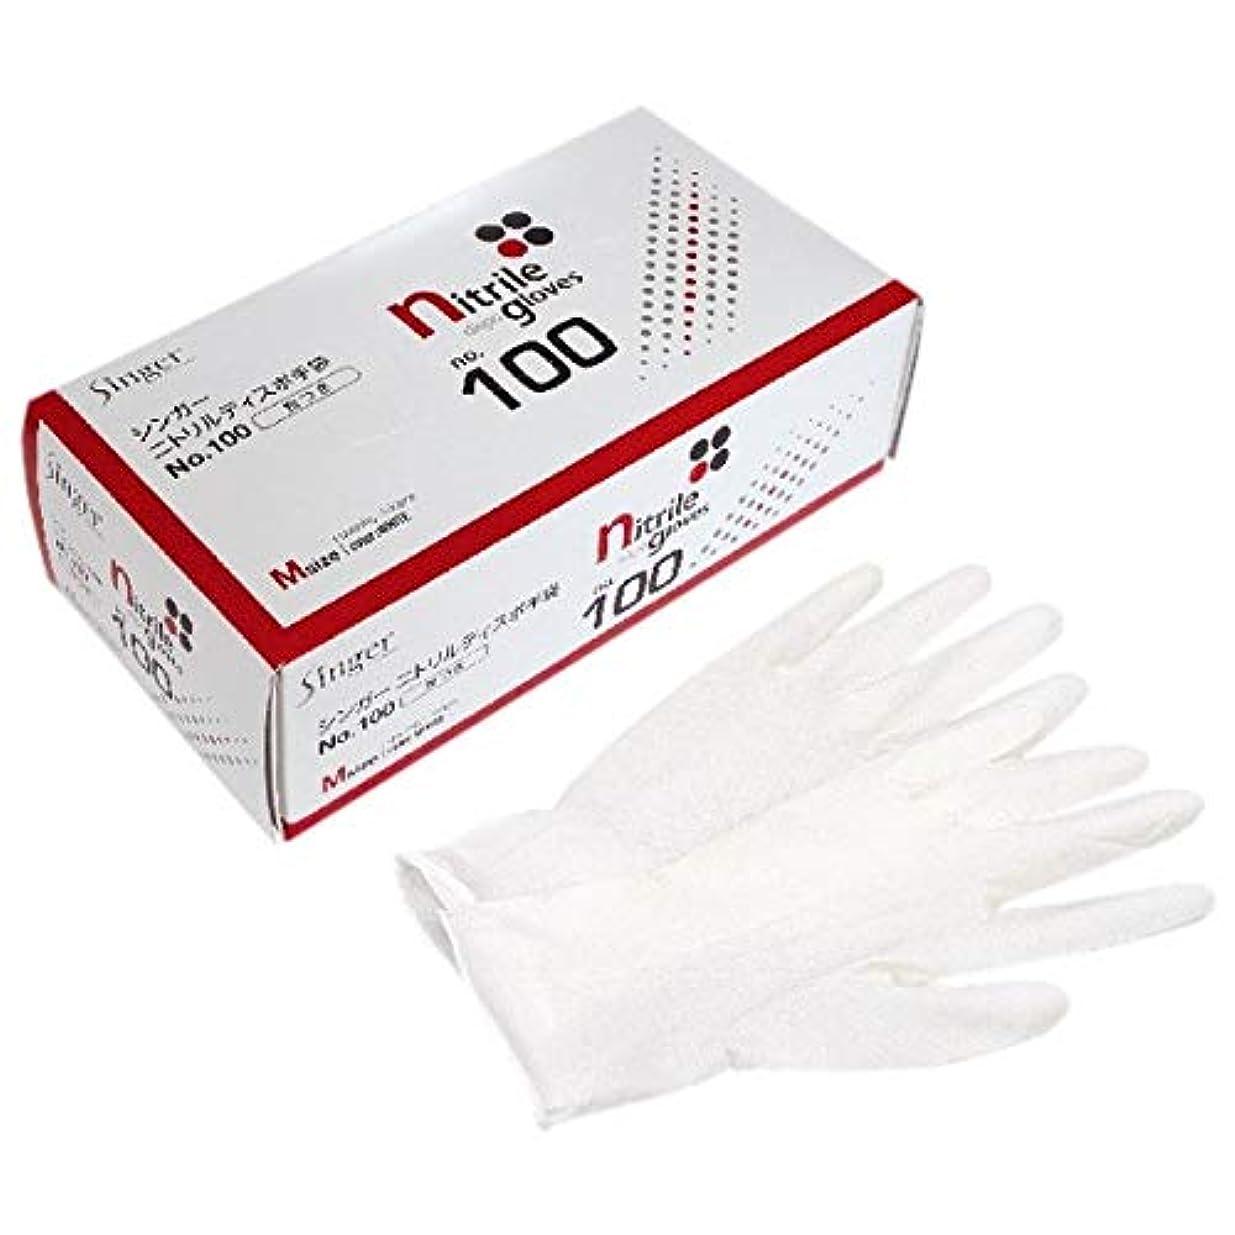 モールス信号政治家アンデス山脈シンガーニトリルディスポ手袋 No.100 白 粉付 Sサイズ 100枚